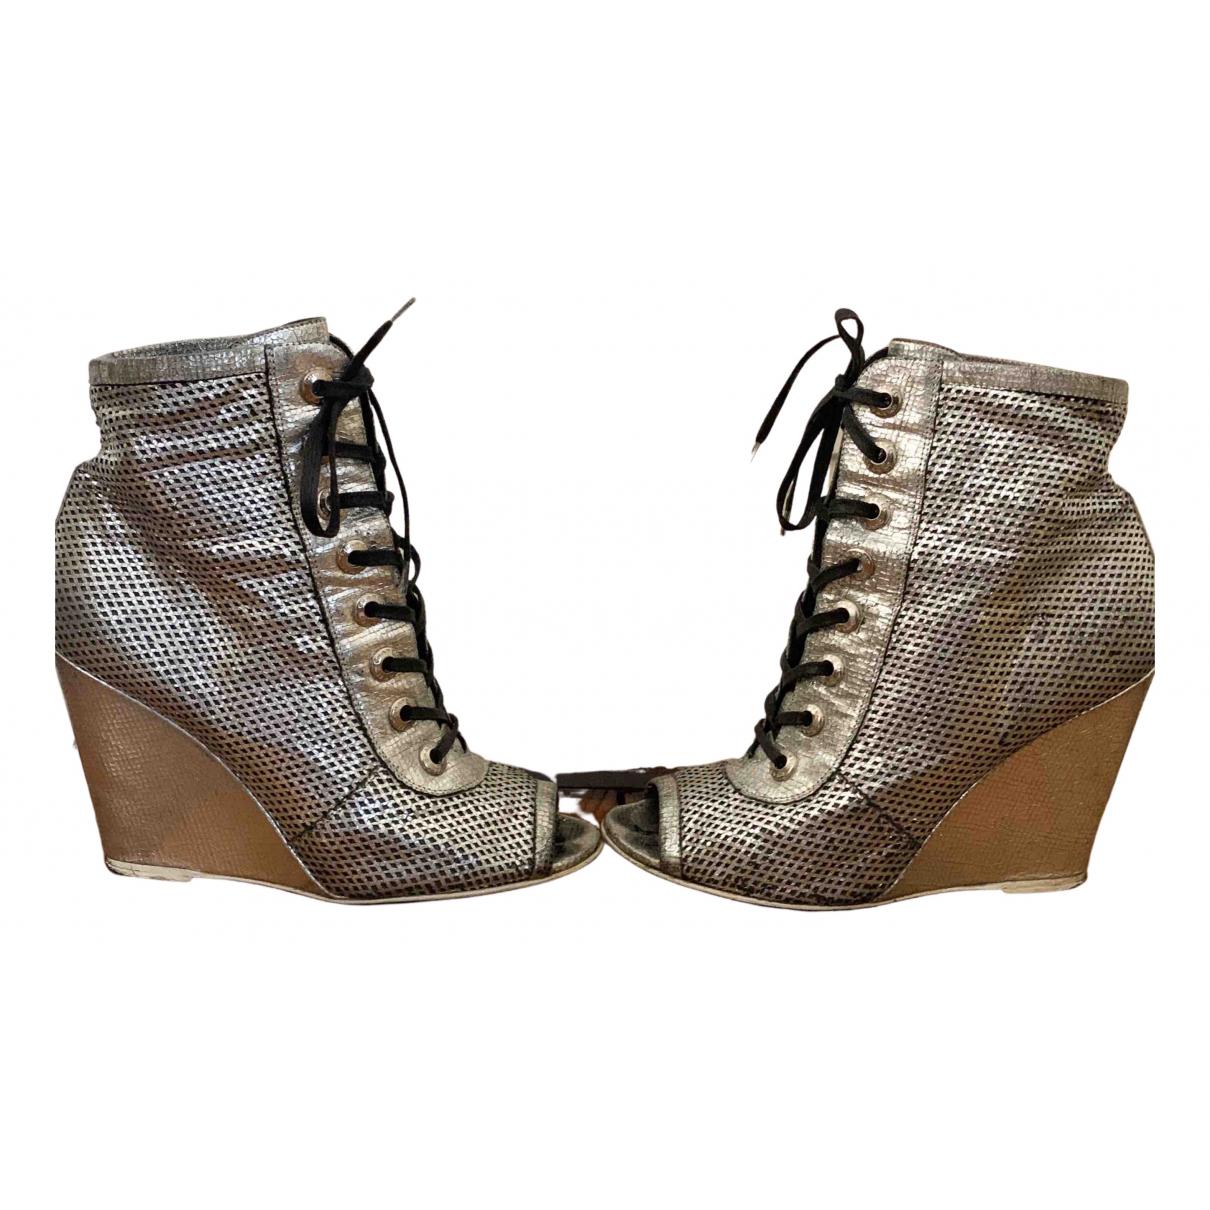 Chanel \N Stiefeletten in  Metallic Leder